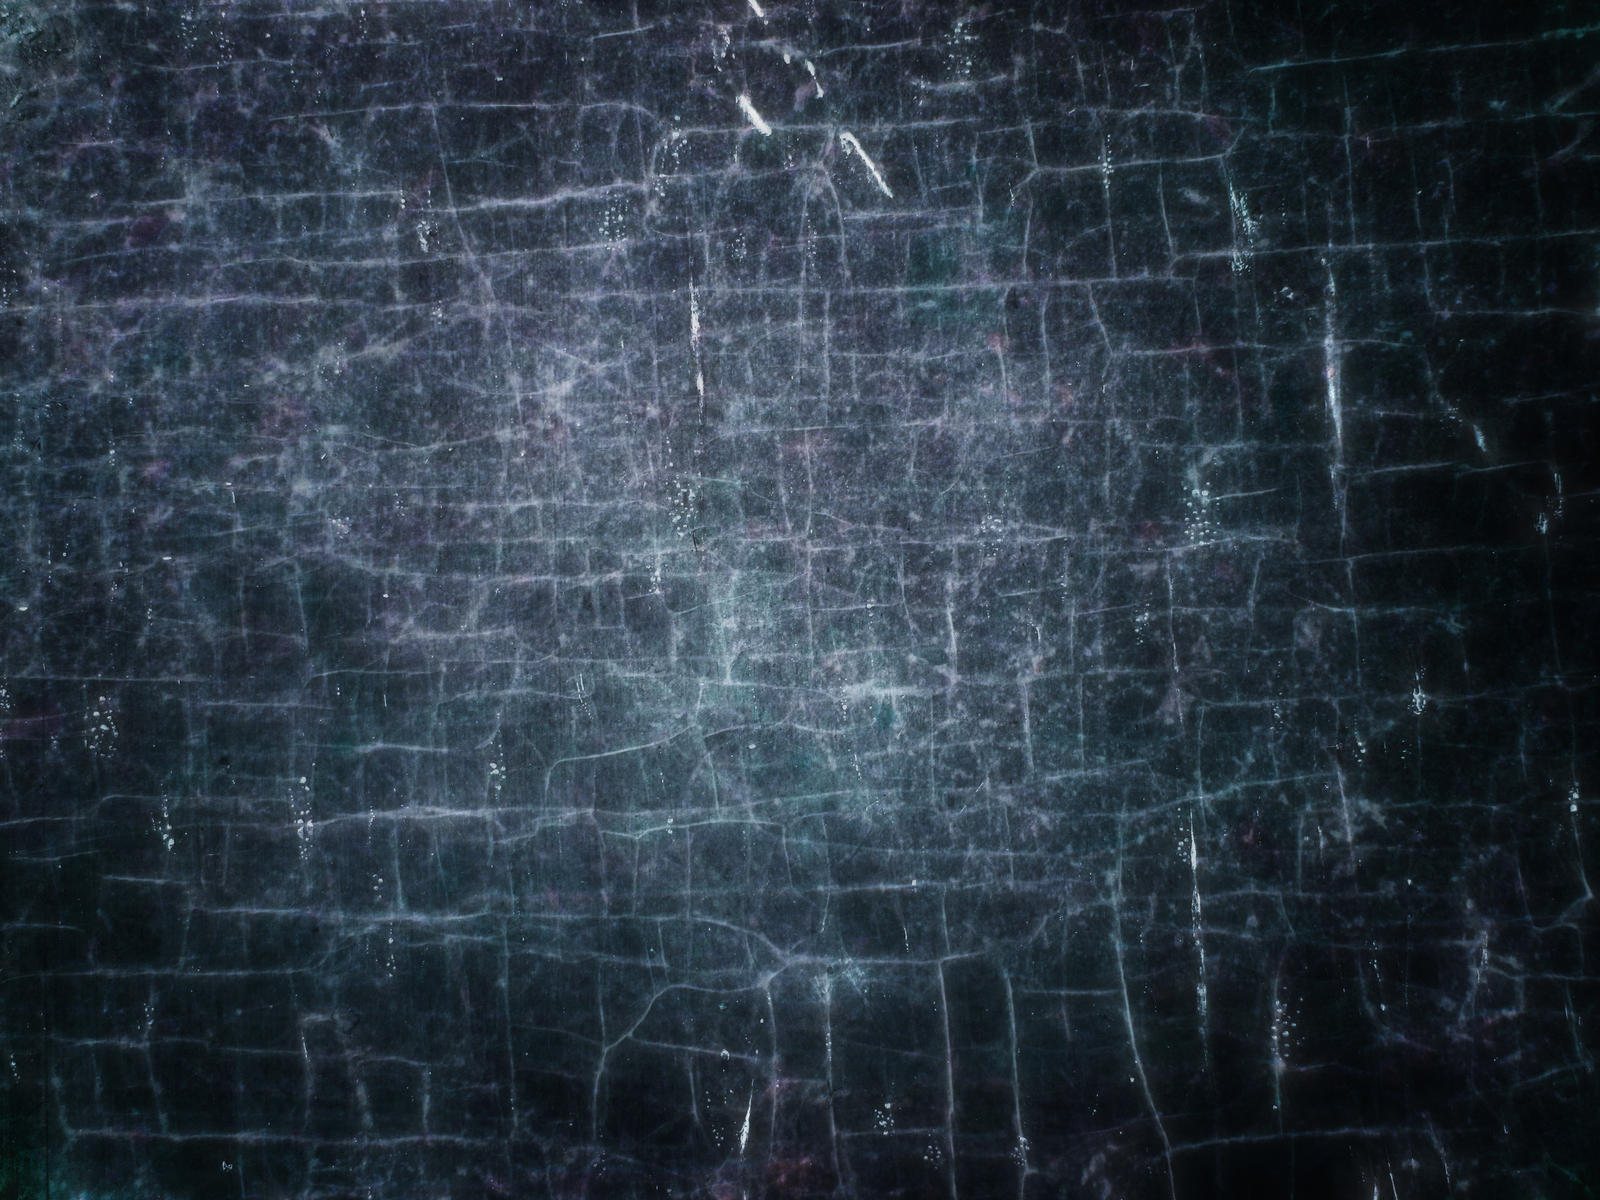 Texture 219 by Sirius-sdz